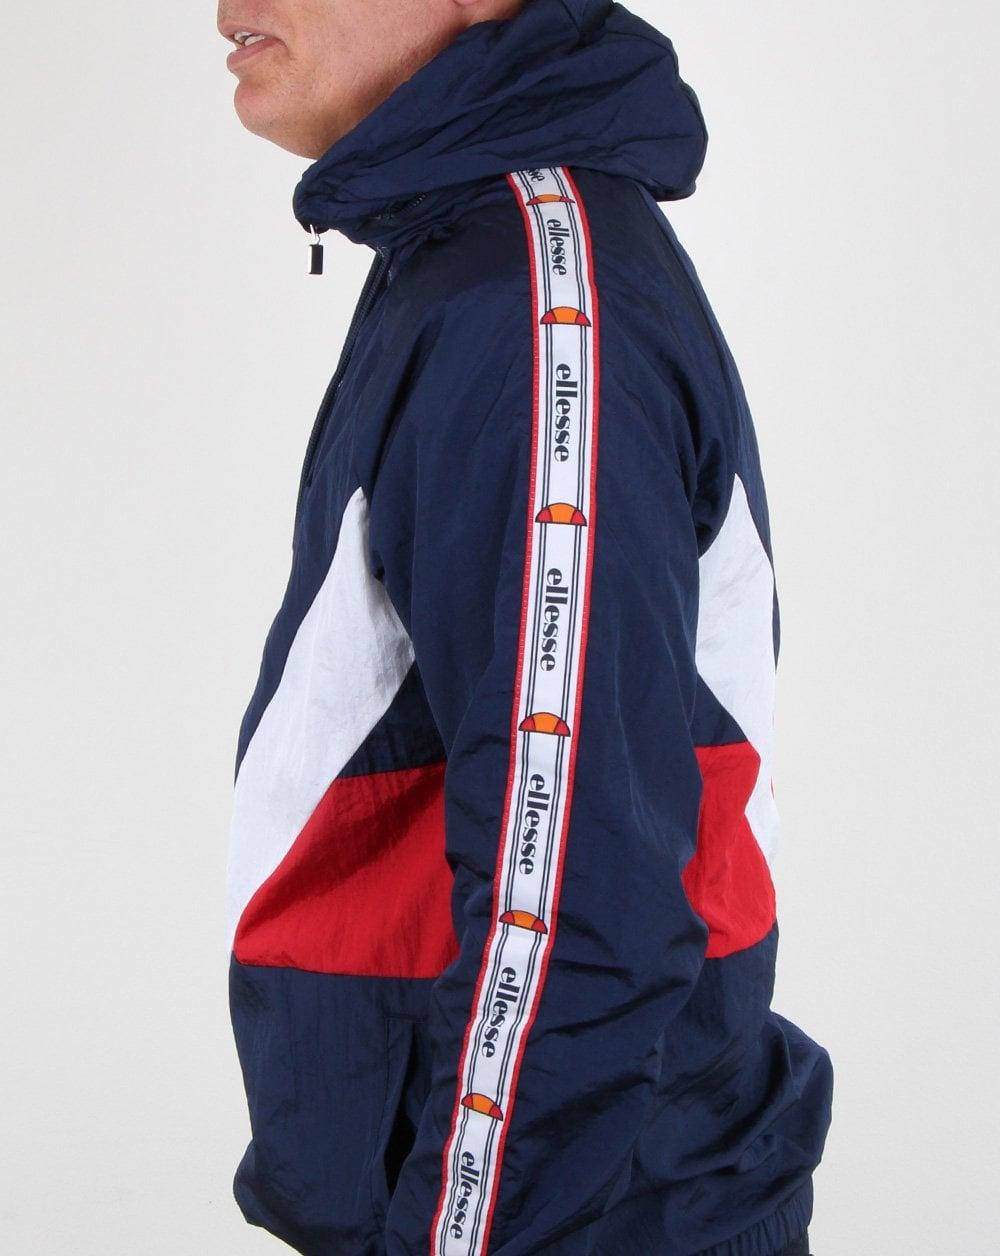 4c08d3959 Ellesse Track Jacket in Navy